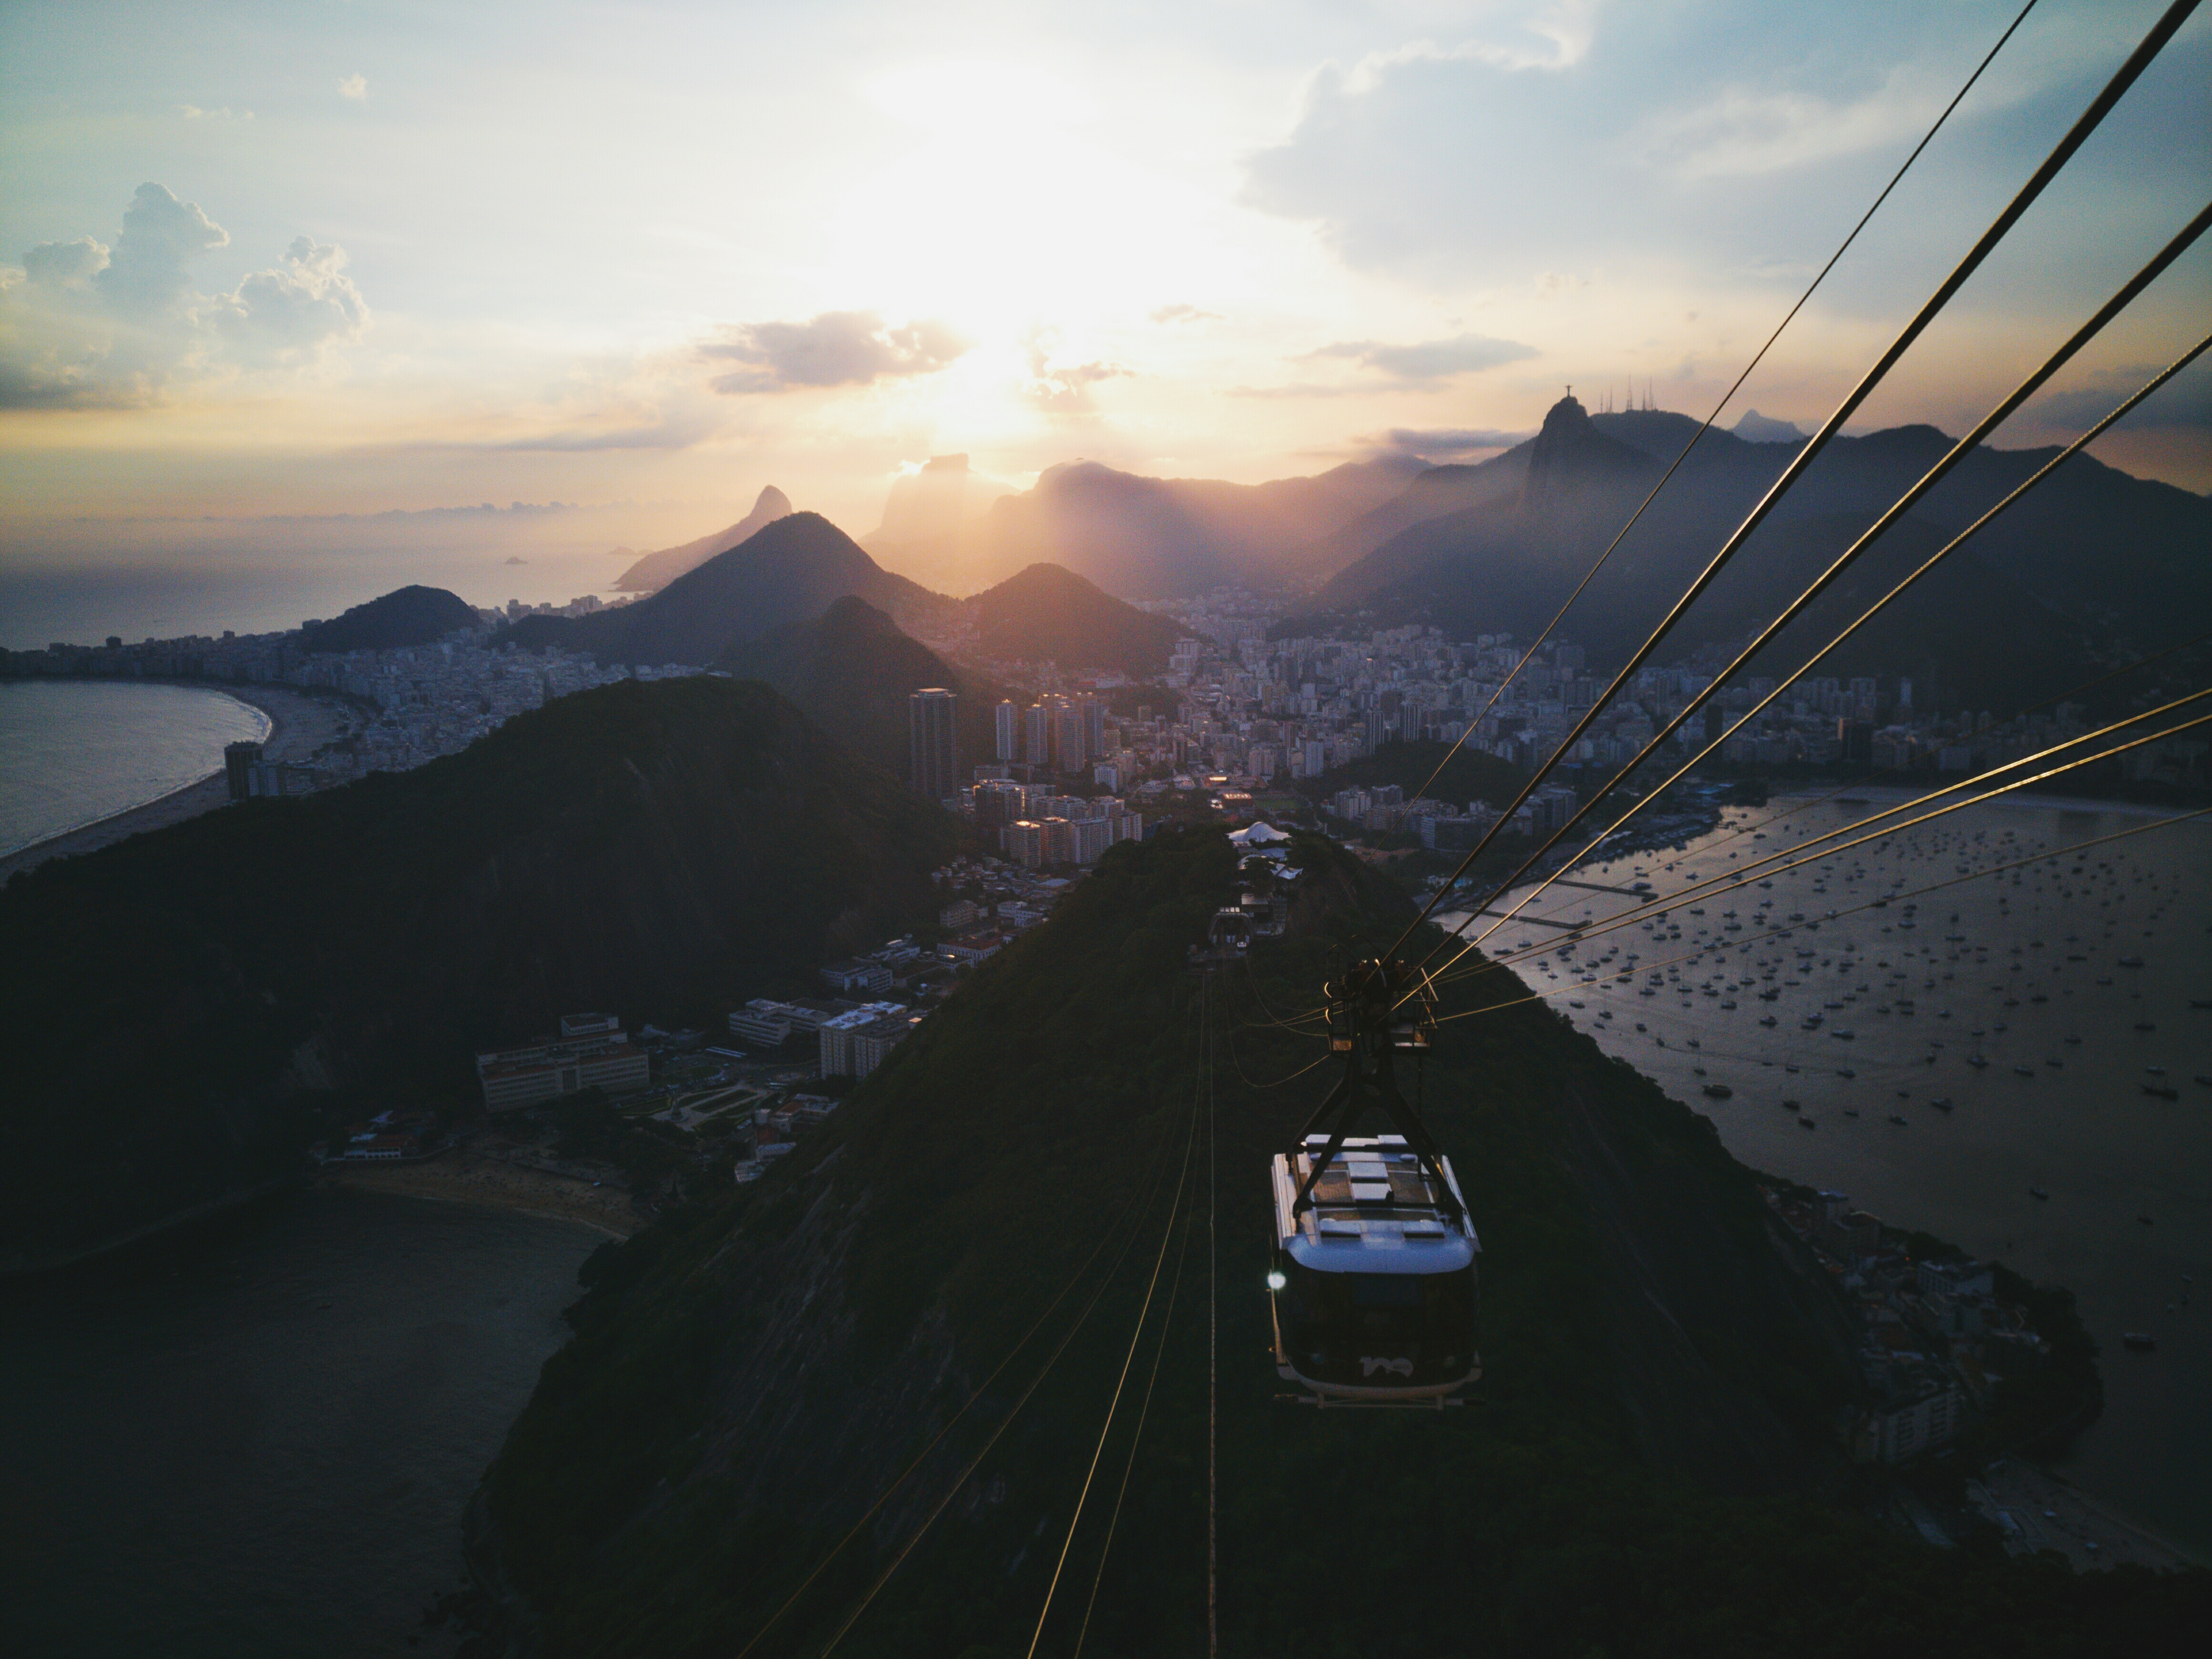 Cabelcar -OnePlus3T - Sugarloaf mountain, Rio de Janeiro.jpg